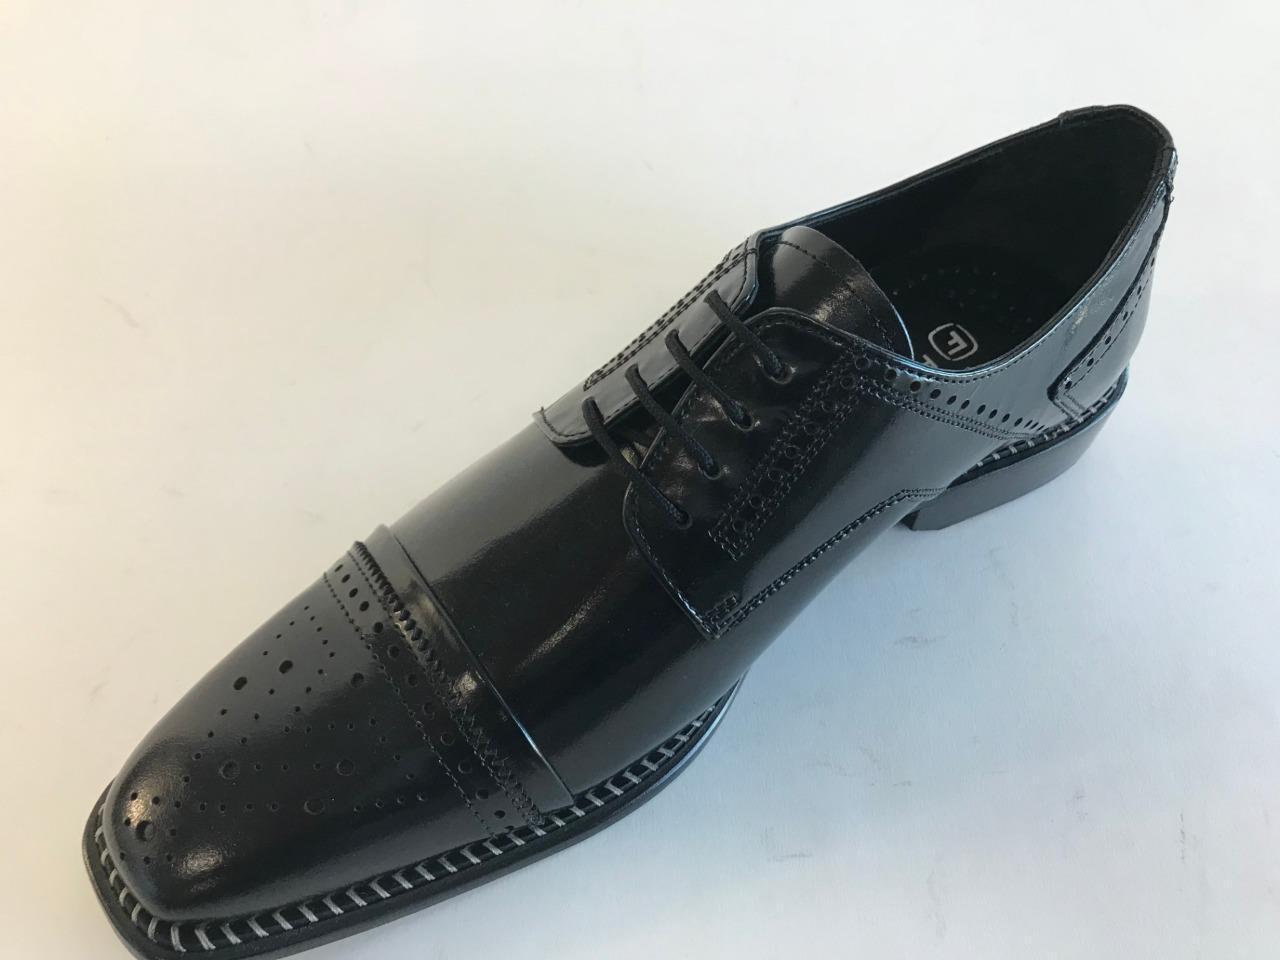 fornire un prodotto di qualità Nuovo da Uomo Liberty pelle pelle pelle Cappello Punta Formale Nero Scarpe Eleganti 951  disponibile